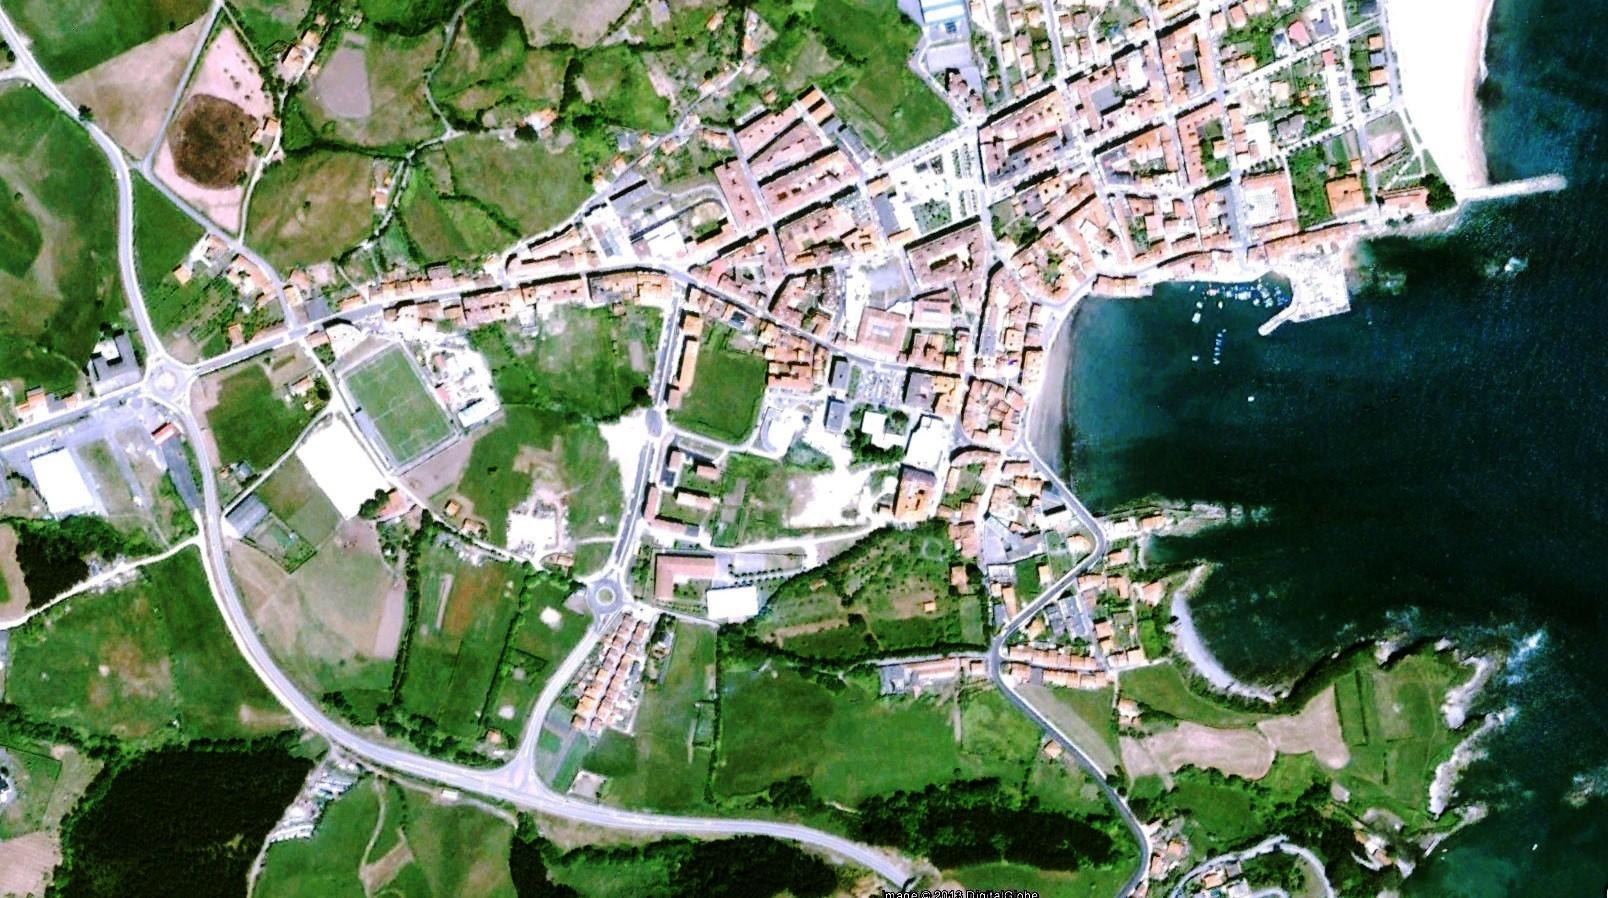 antes, urbanismo, foto aérea, desastre, urbanístico, planeamiento, urbano, construcción, Luanco, Asturias